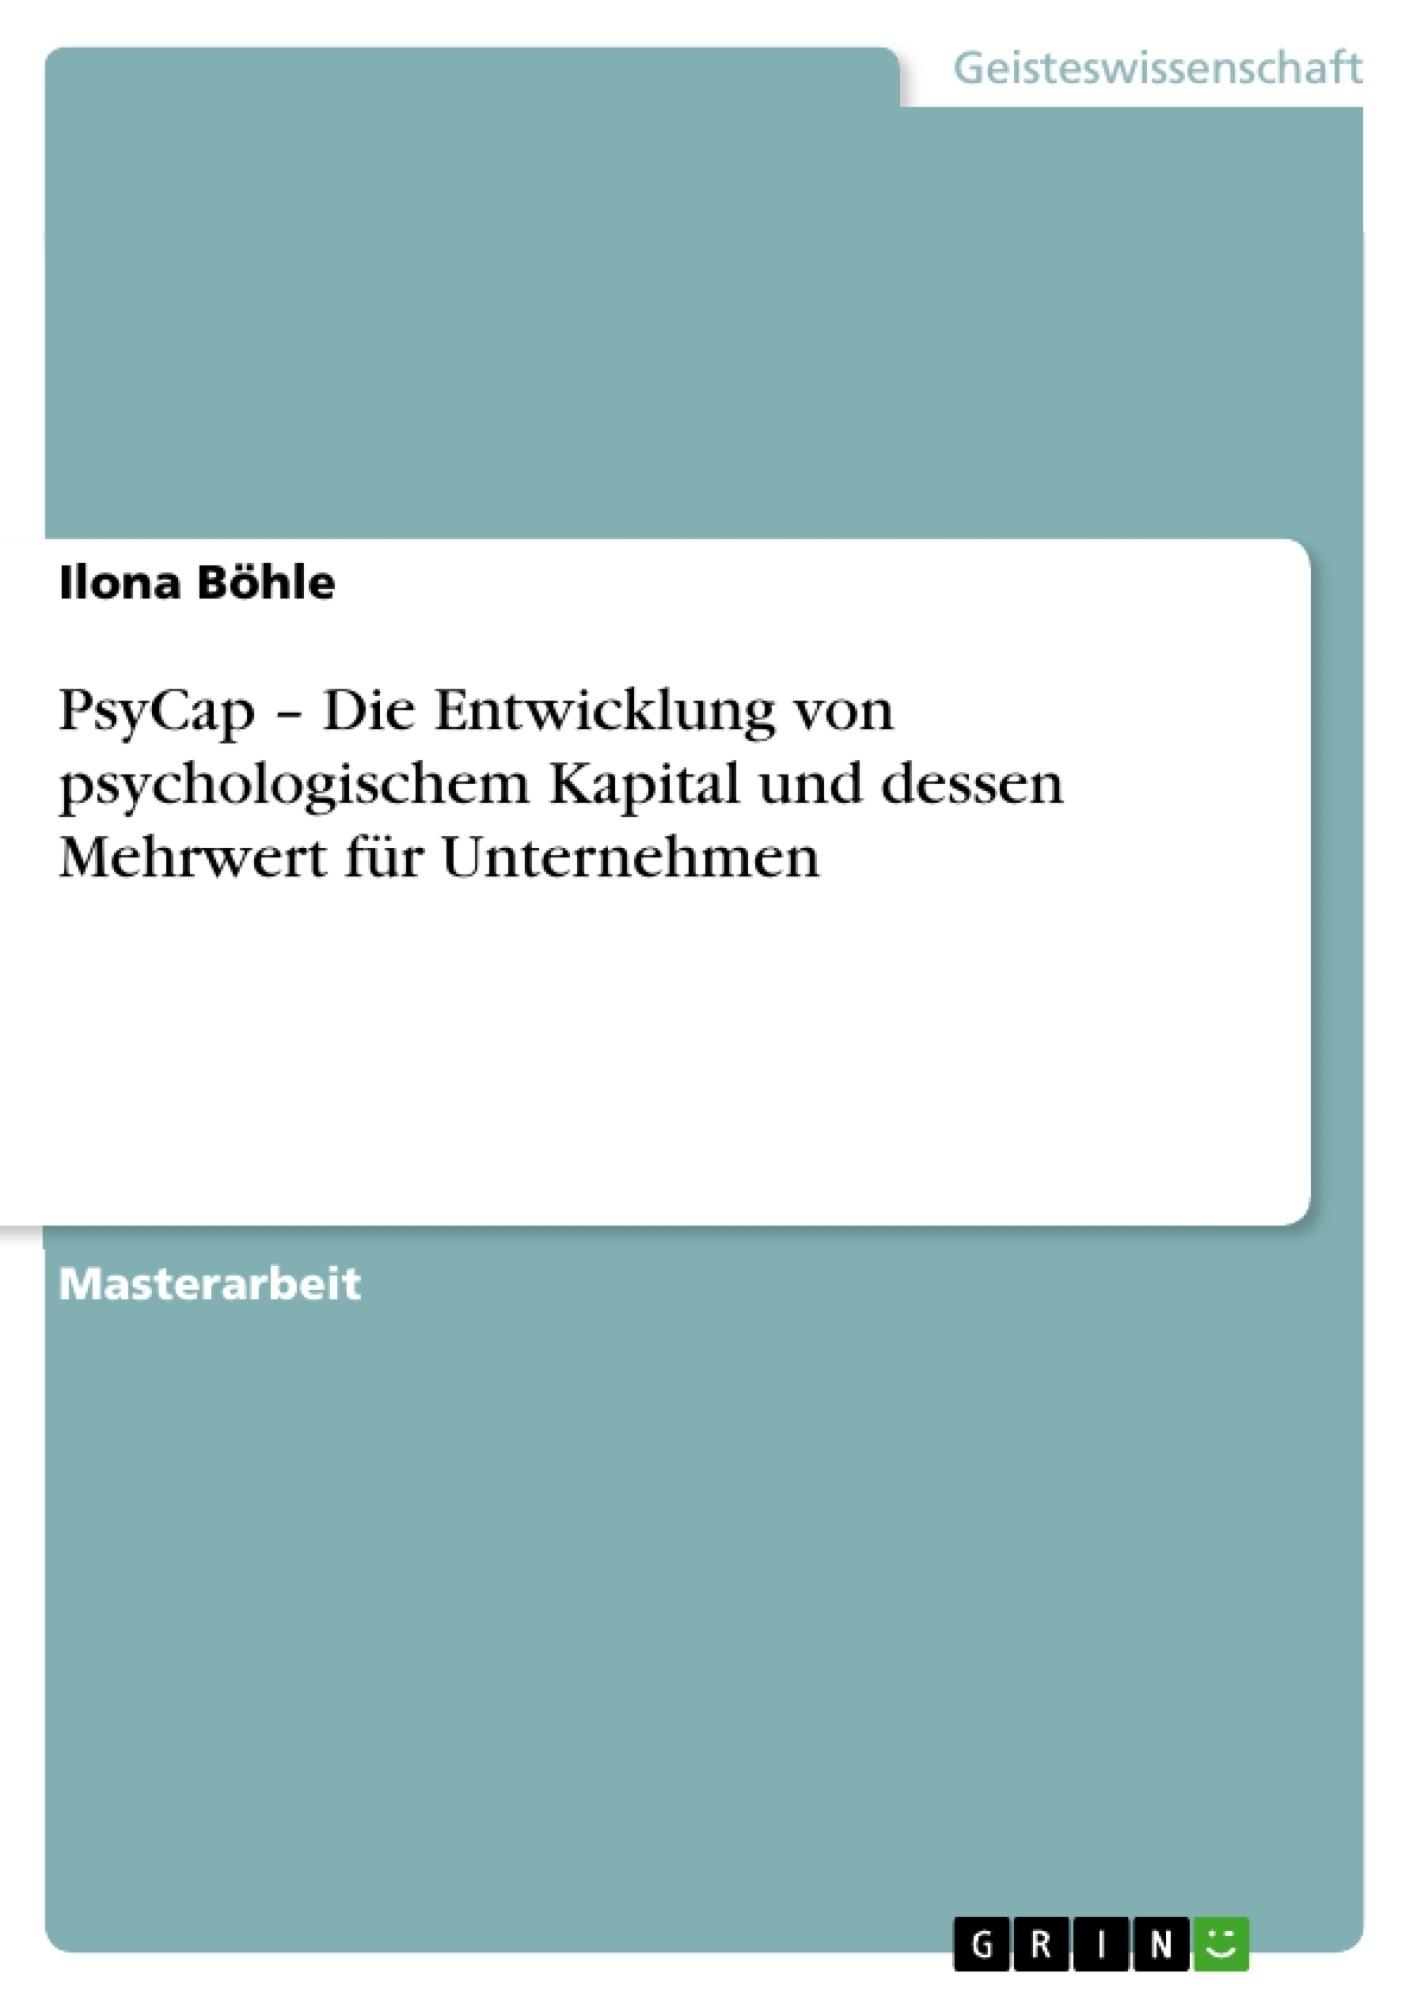 Titel: PsyCap – Die Entwicklung von psychologischem Kapital und dessen Mehrwert für Unternehmen